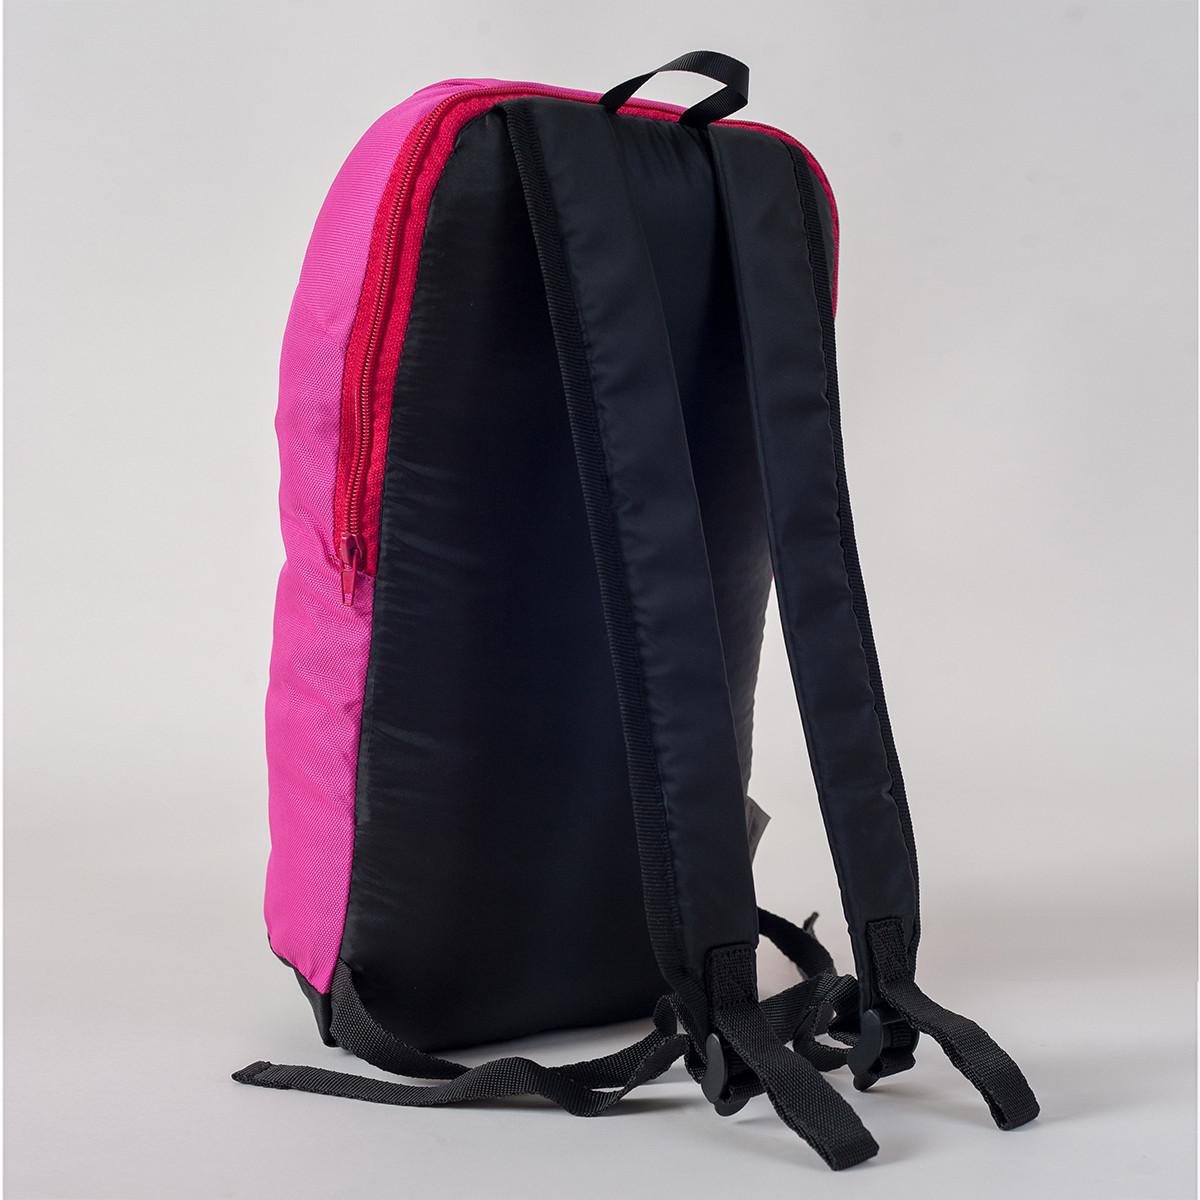 Спортивный рюкзак MAYERS 10L, розовый + черный, фото 3